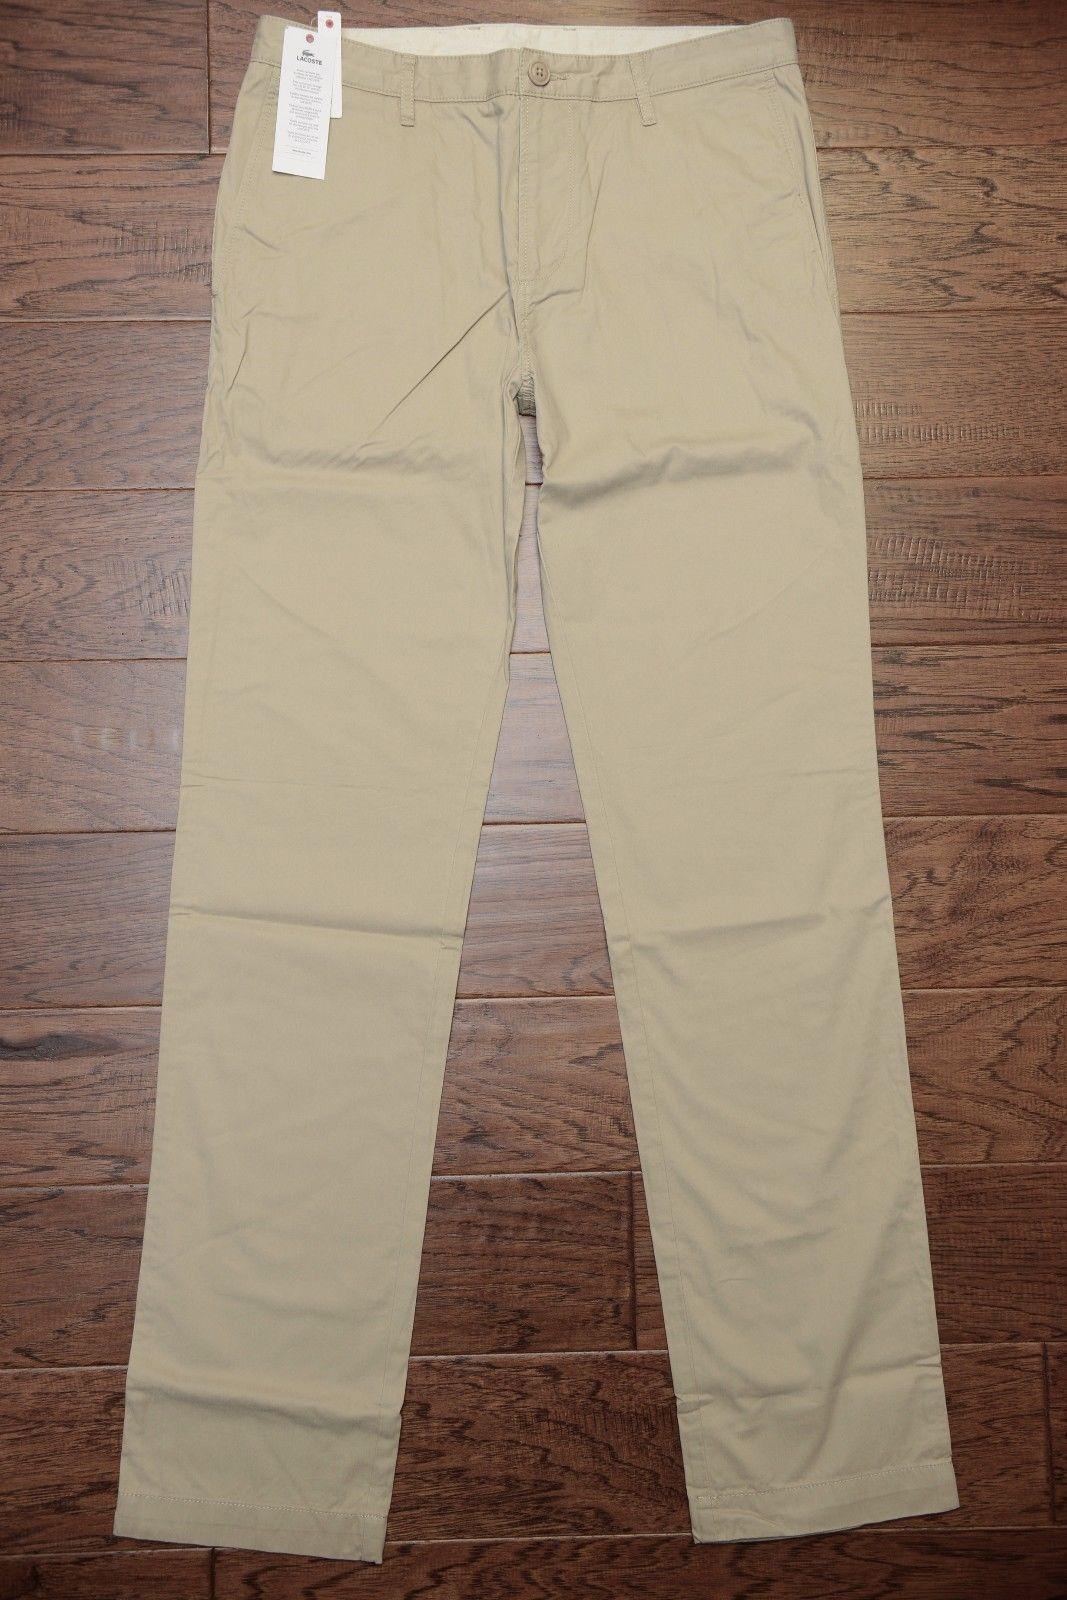 Lacoste Men's Classic Fit Khaki Cotton Casual Pants W40 L30